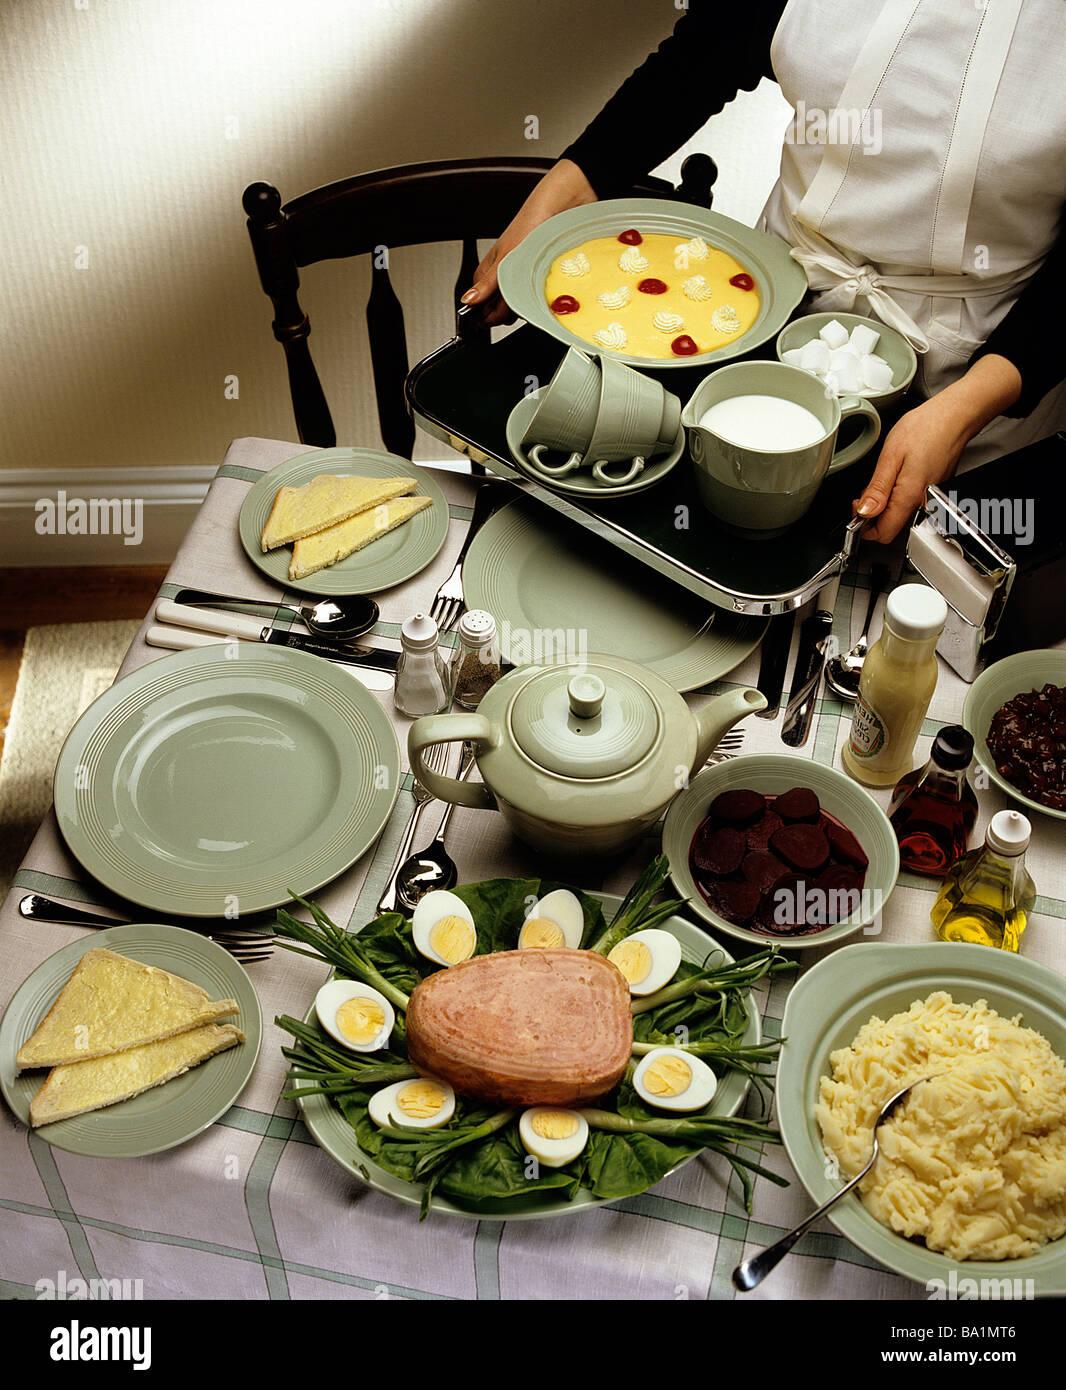 Style des années 1950 service des aliments Photo Stock